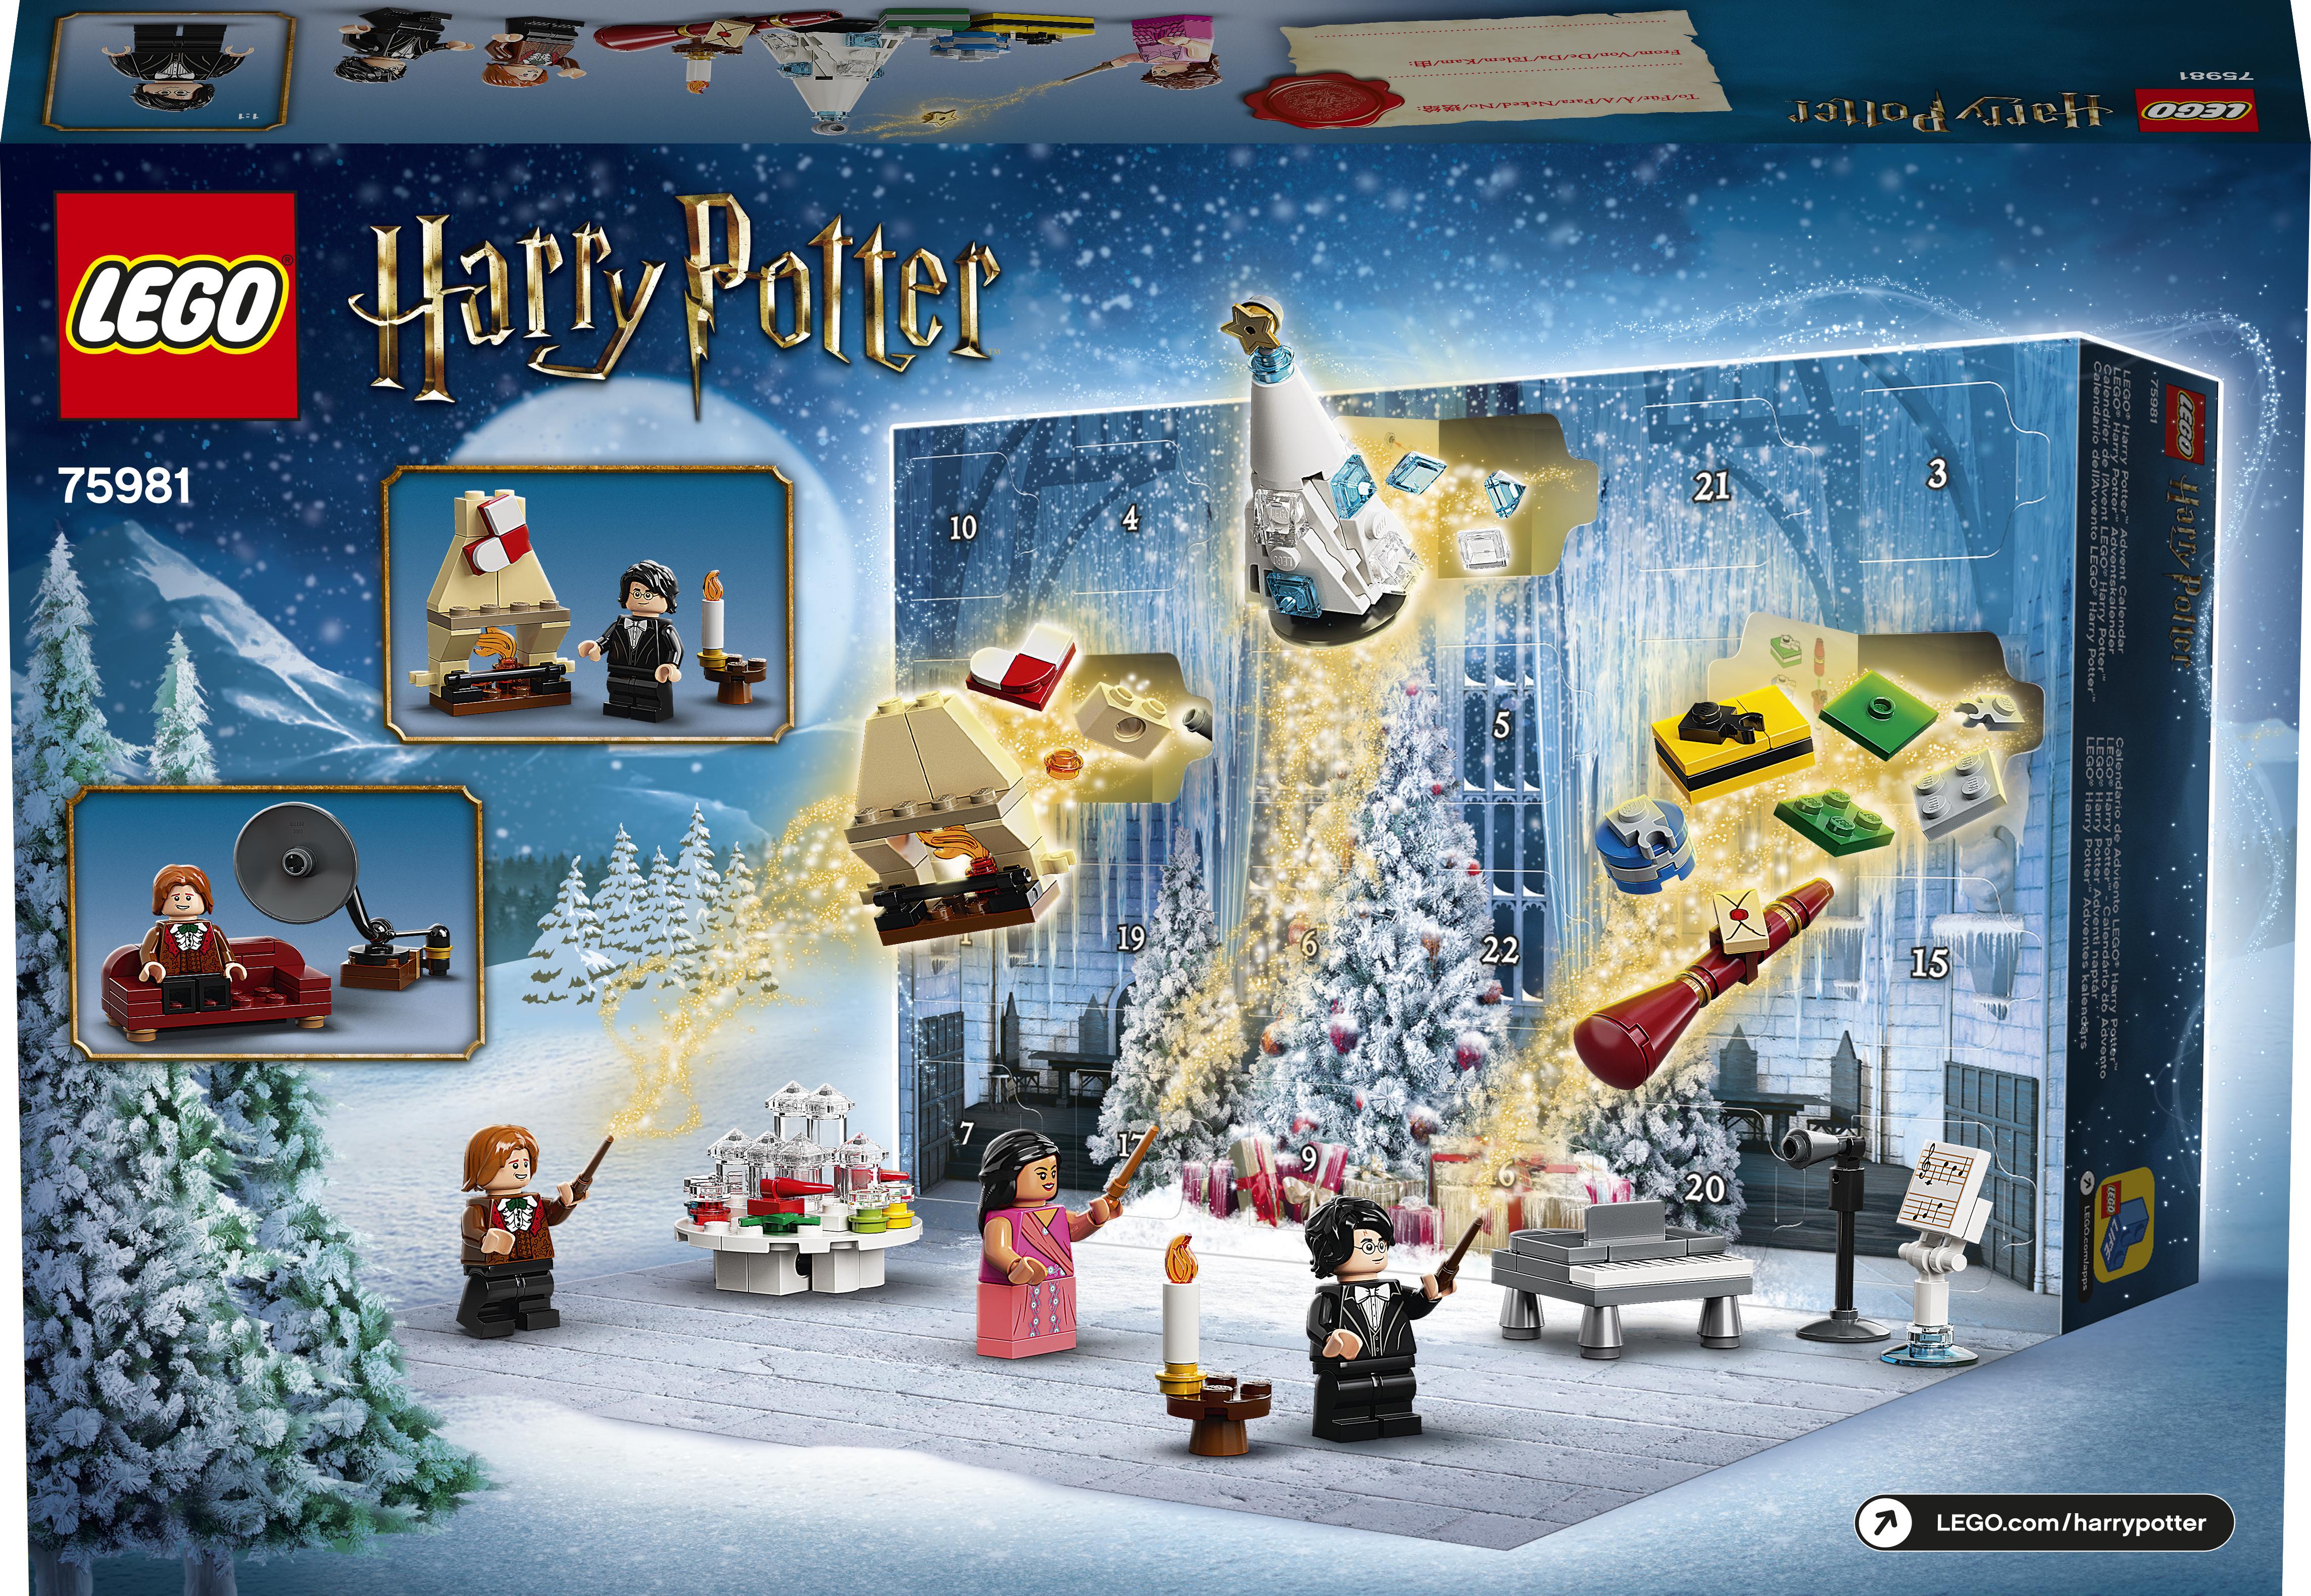 LEGO Harry Potter Advendikalender 75981, 2020a